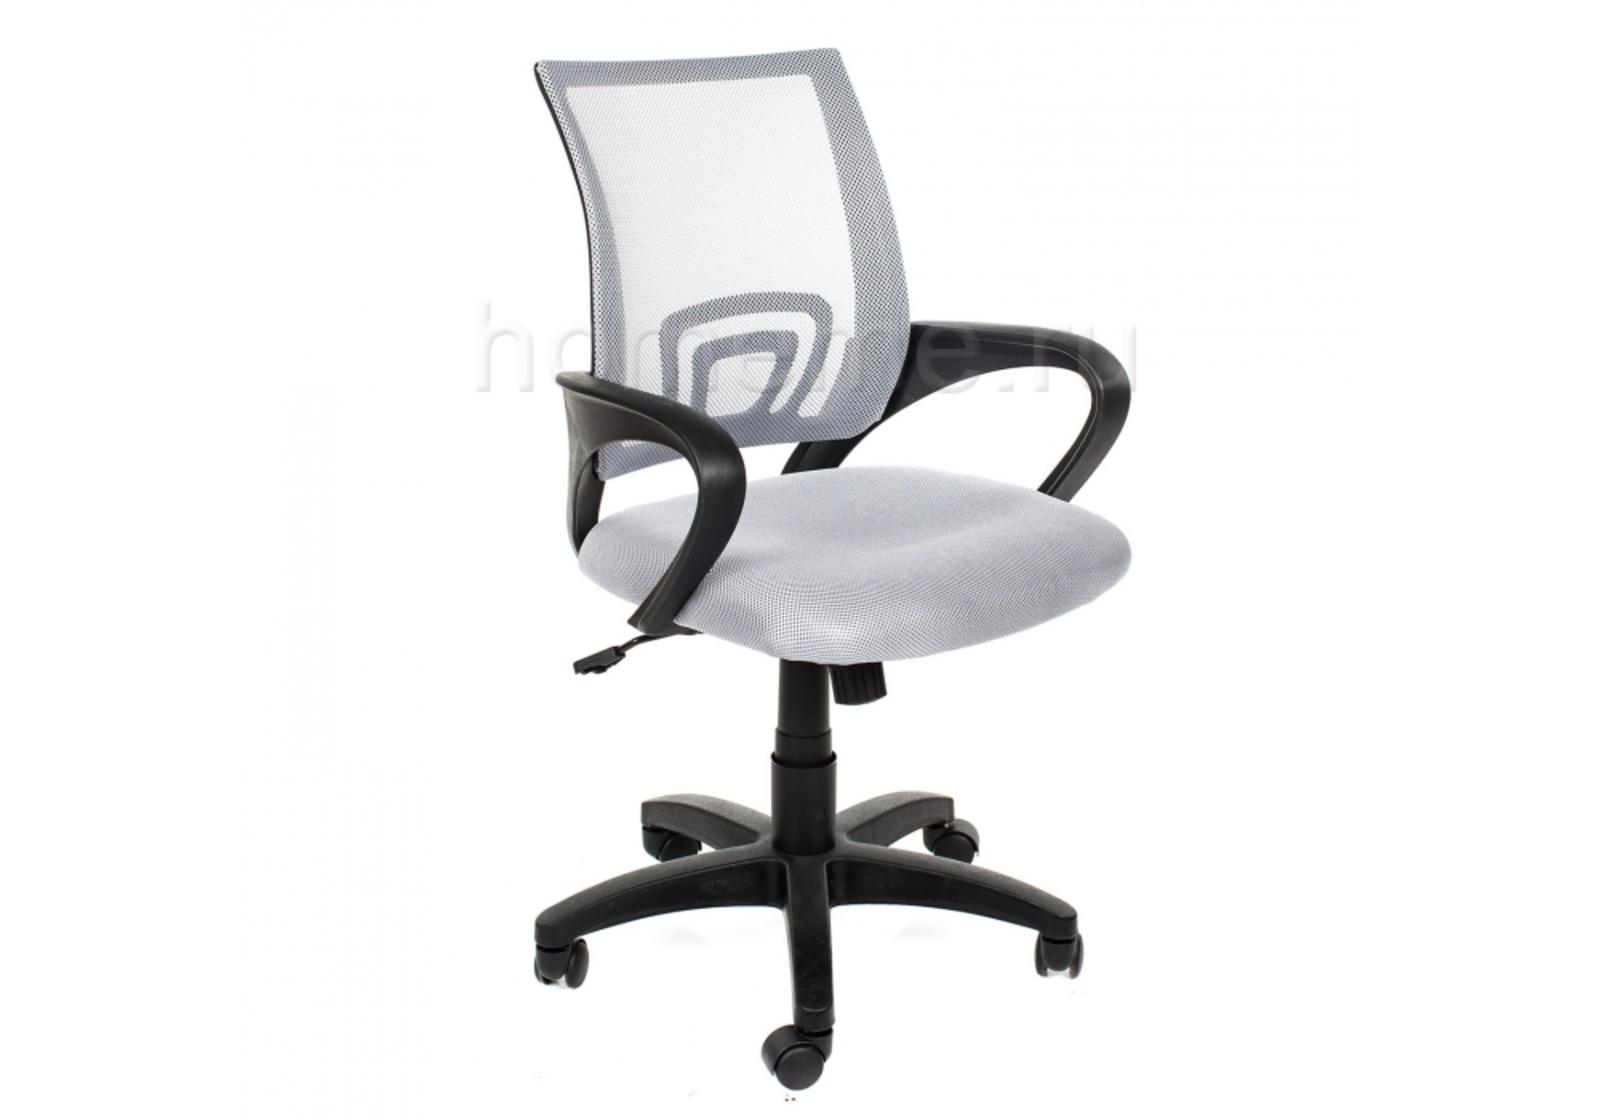 Кресло для офиса HomeMe Офисное кресло Turin 1477 от Homeme.ru